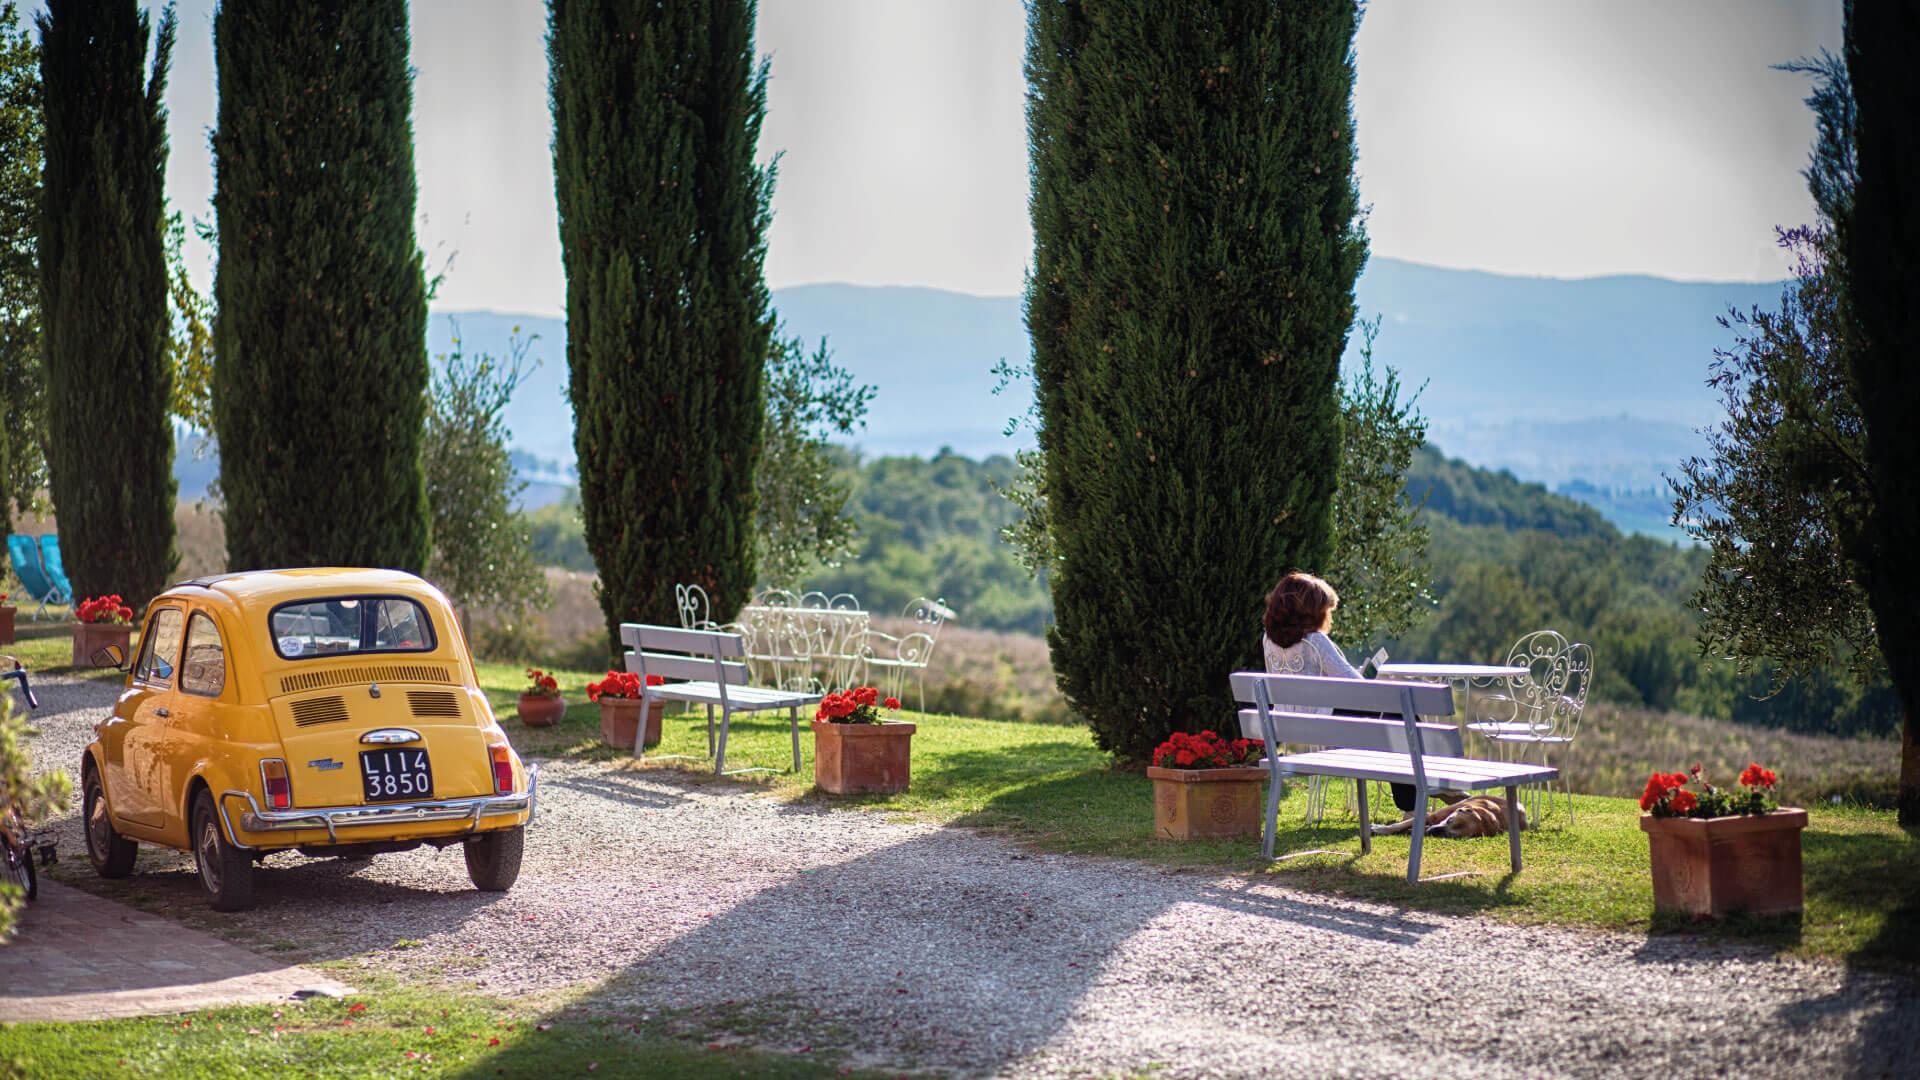 tuscany villa cypress trees